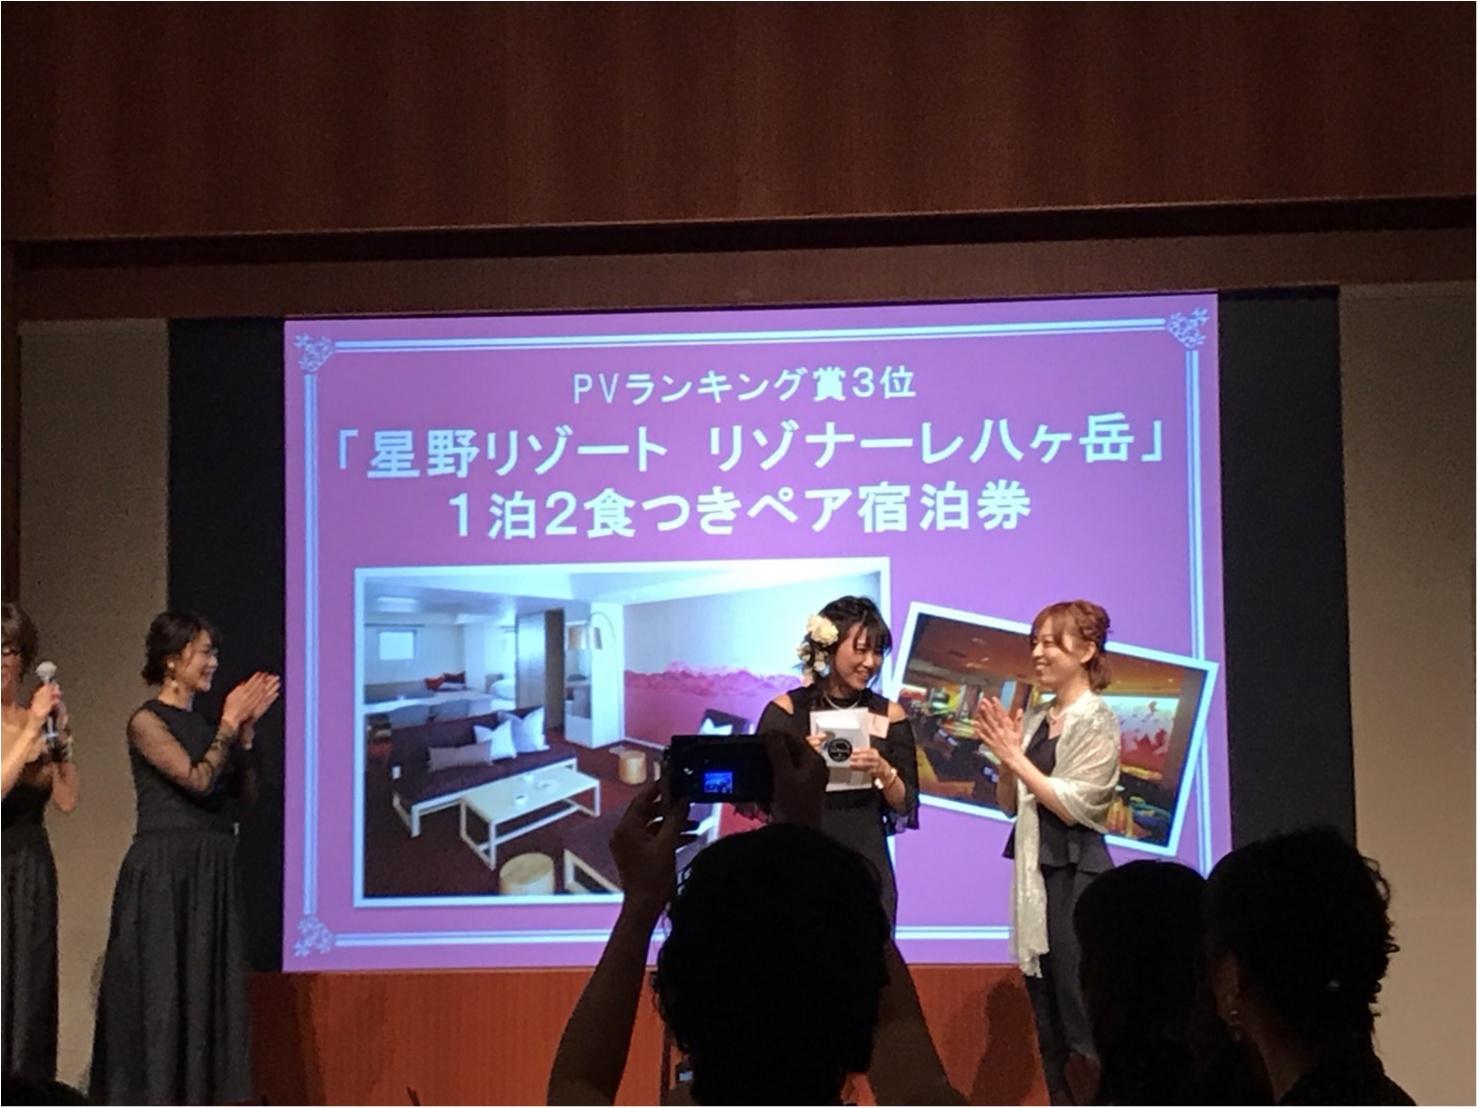 【MORE大女子会2018】モアハピ部ブログアワード2017 年間PV数3位!「ありがとうございました☺︎」_3